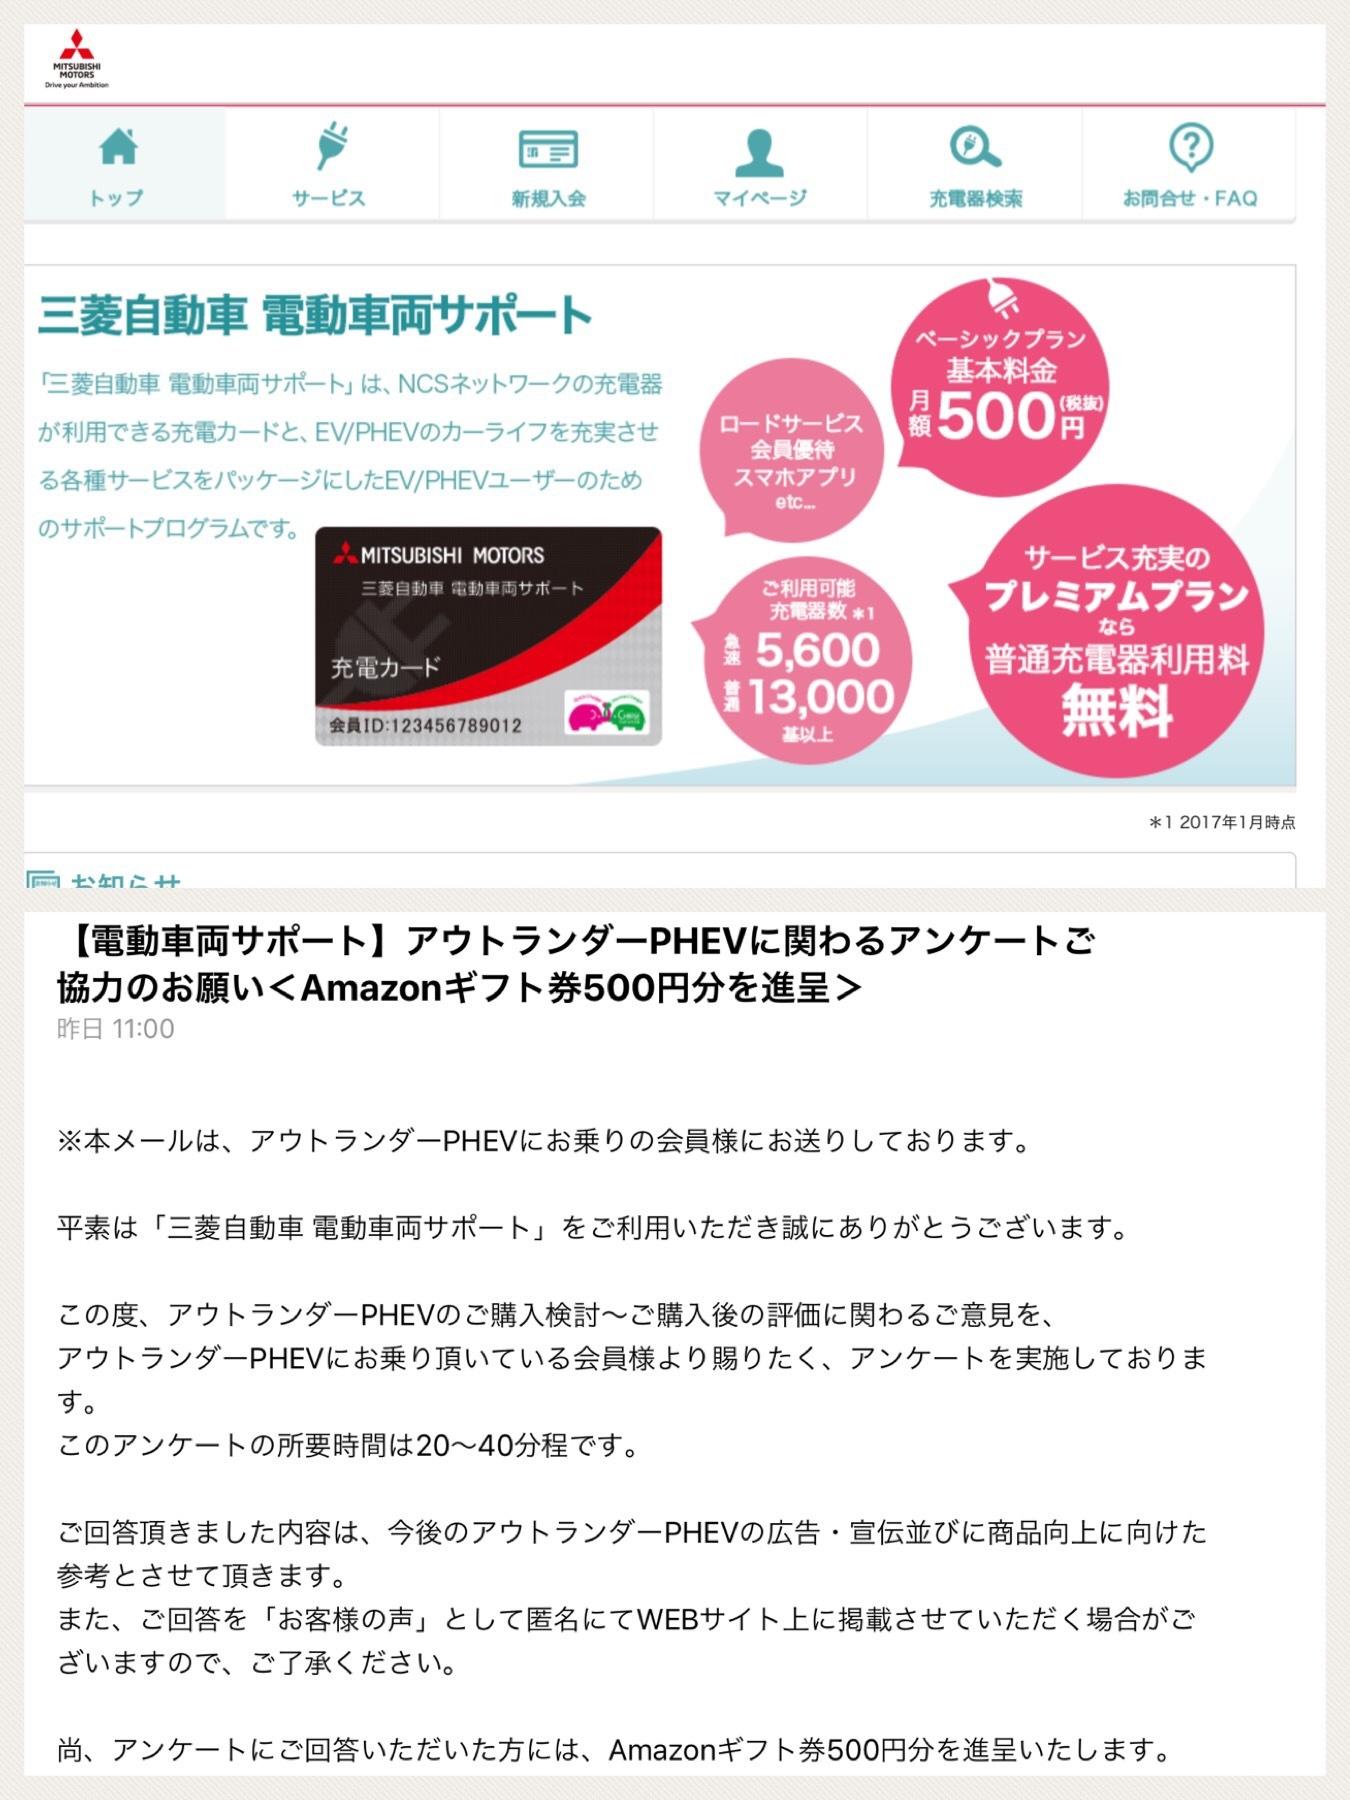 三菱電動車両サービスアンケート